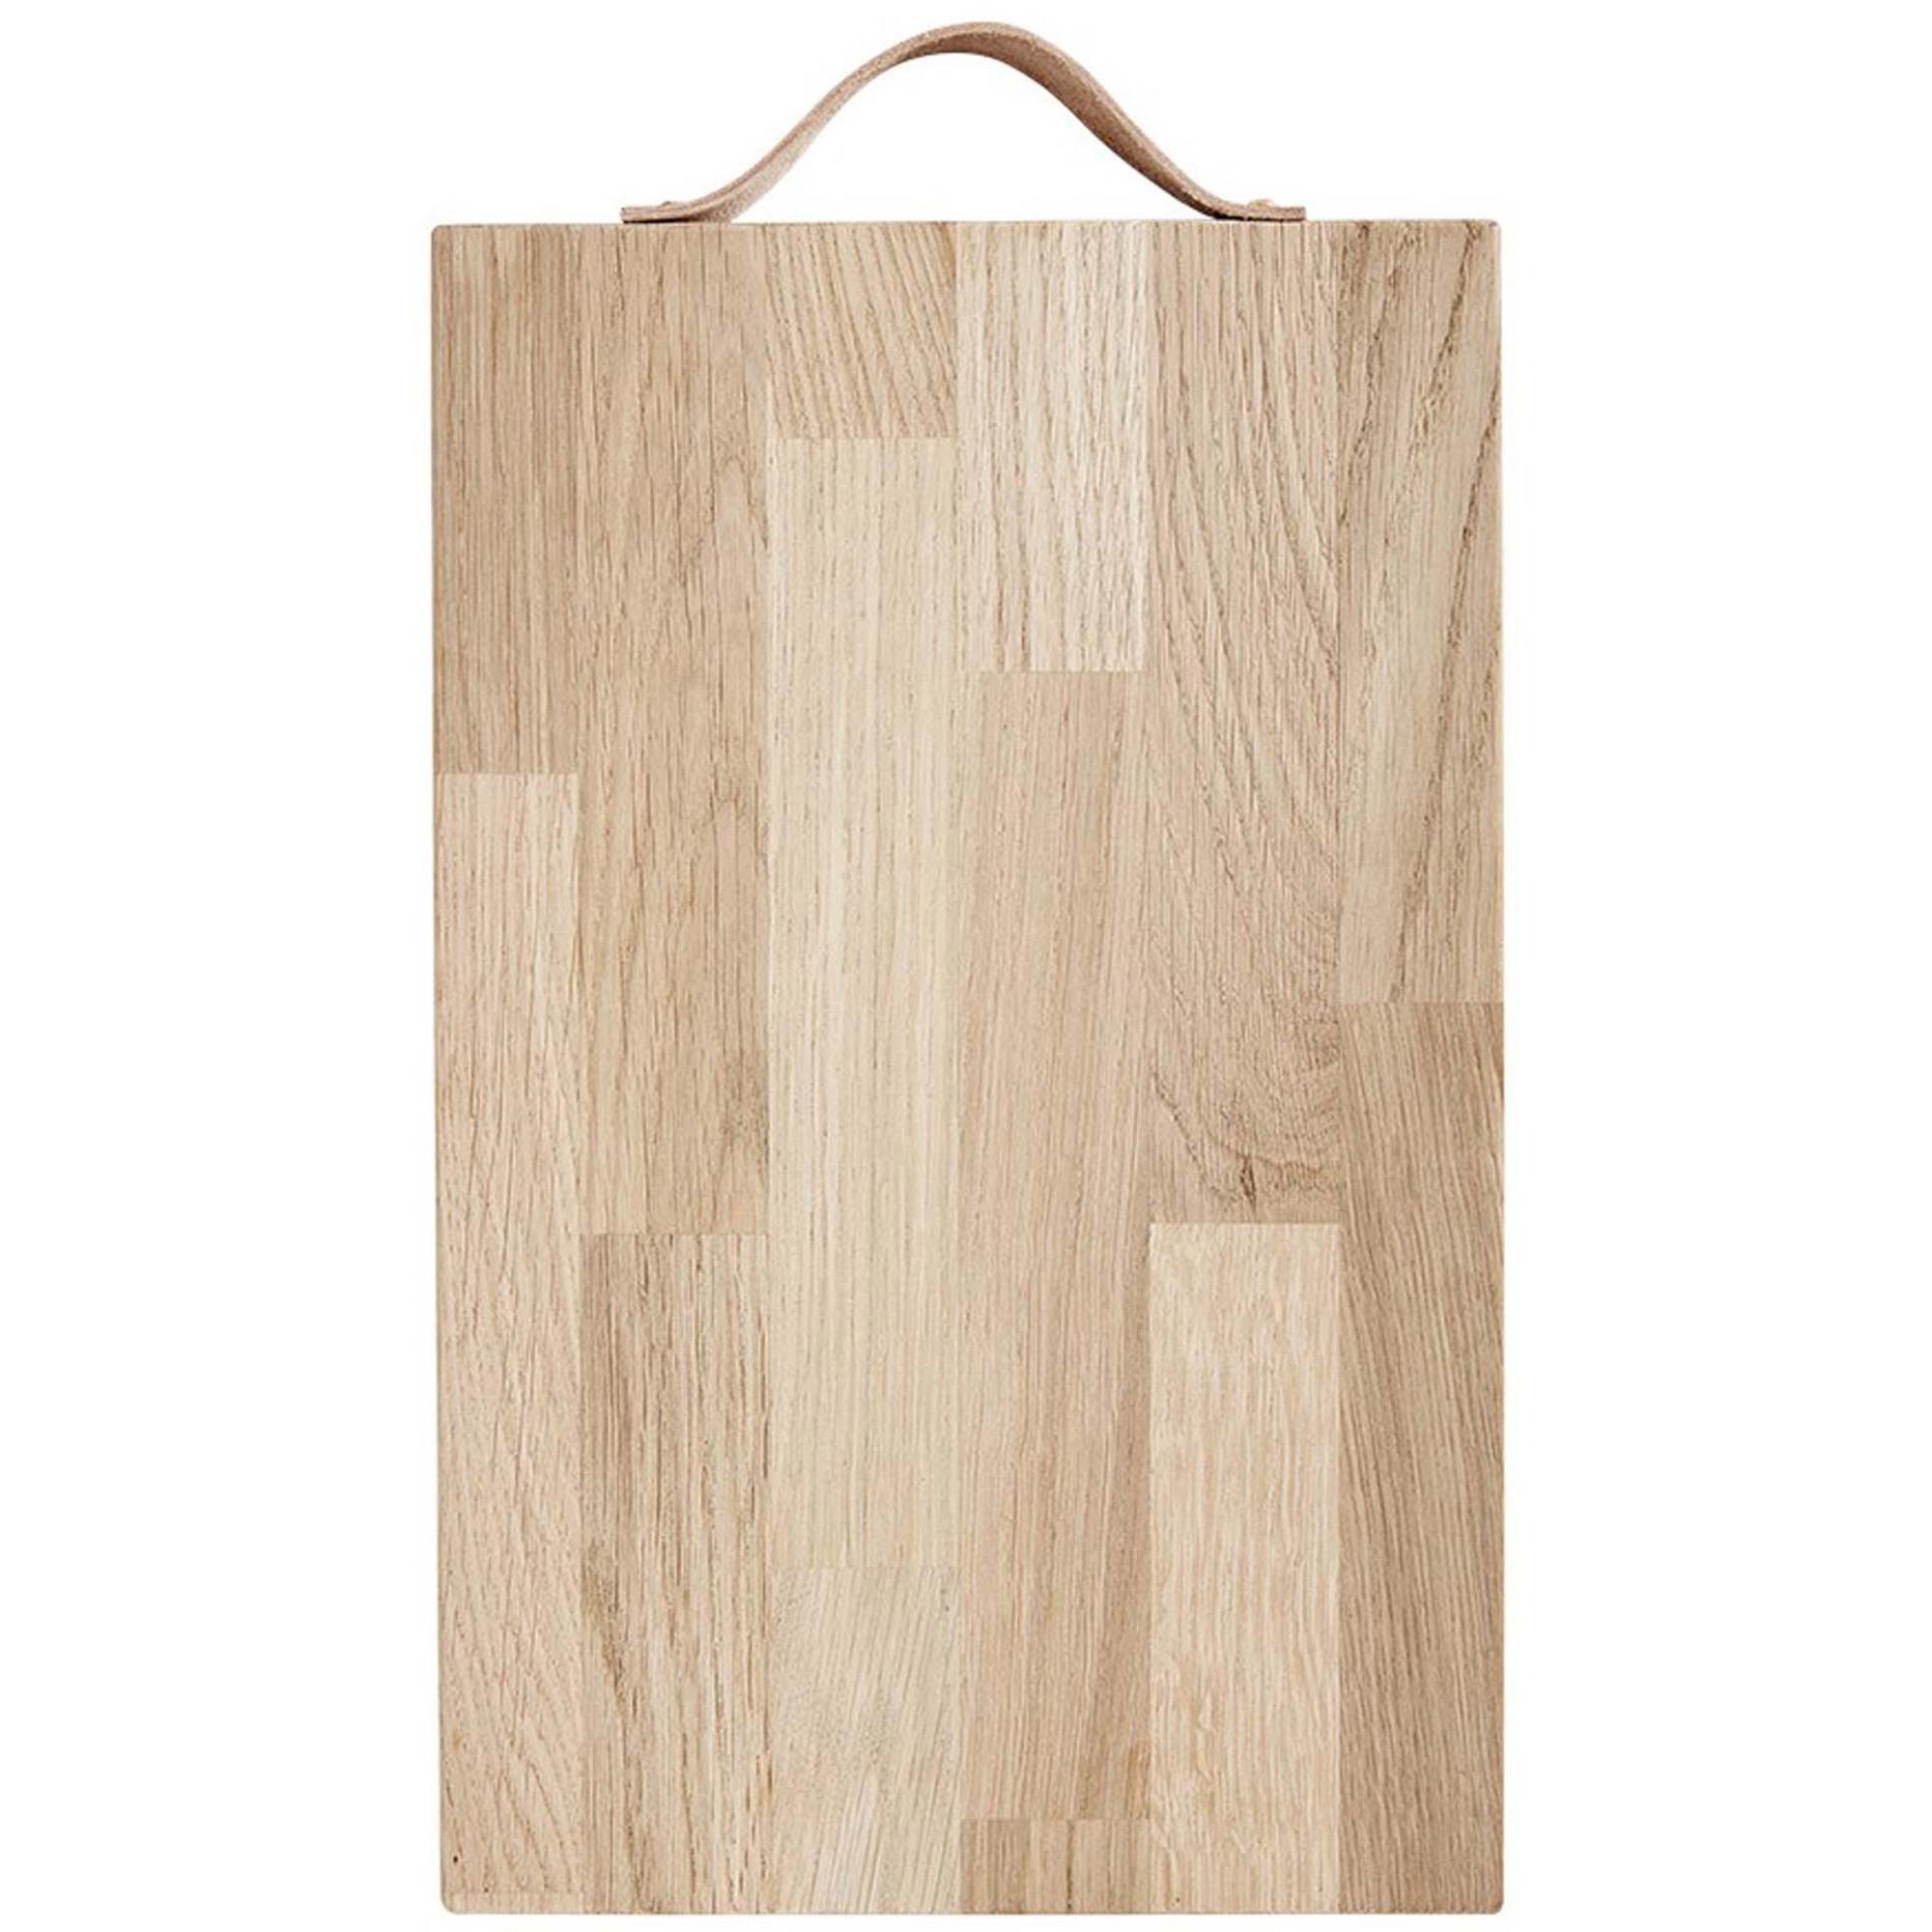 Andersen Furniture Serveringsbräda med läderhandtag 38 x 24 cm Oak